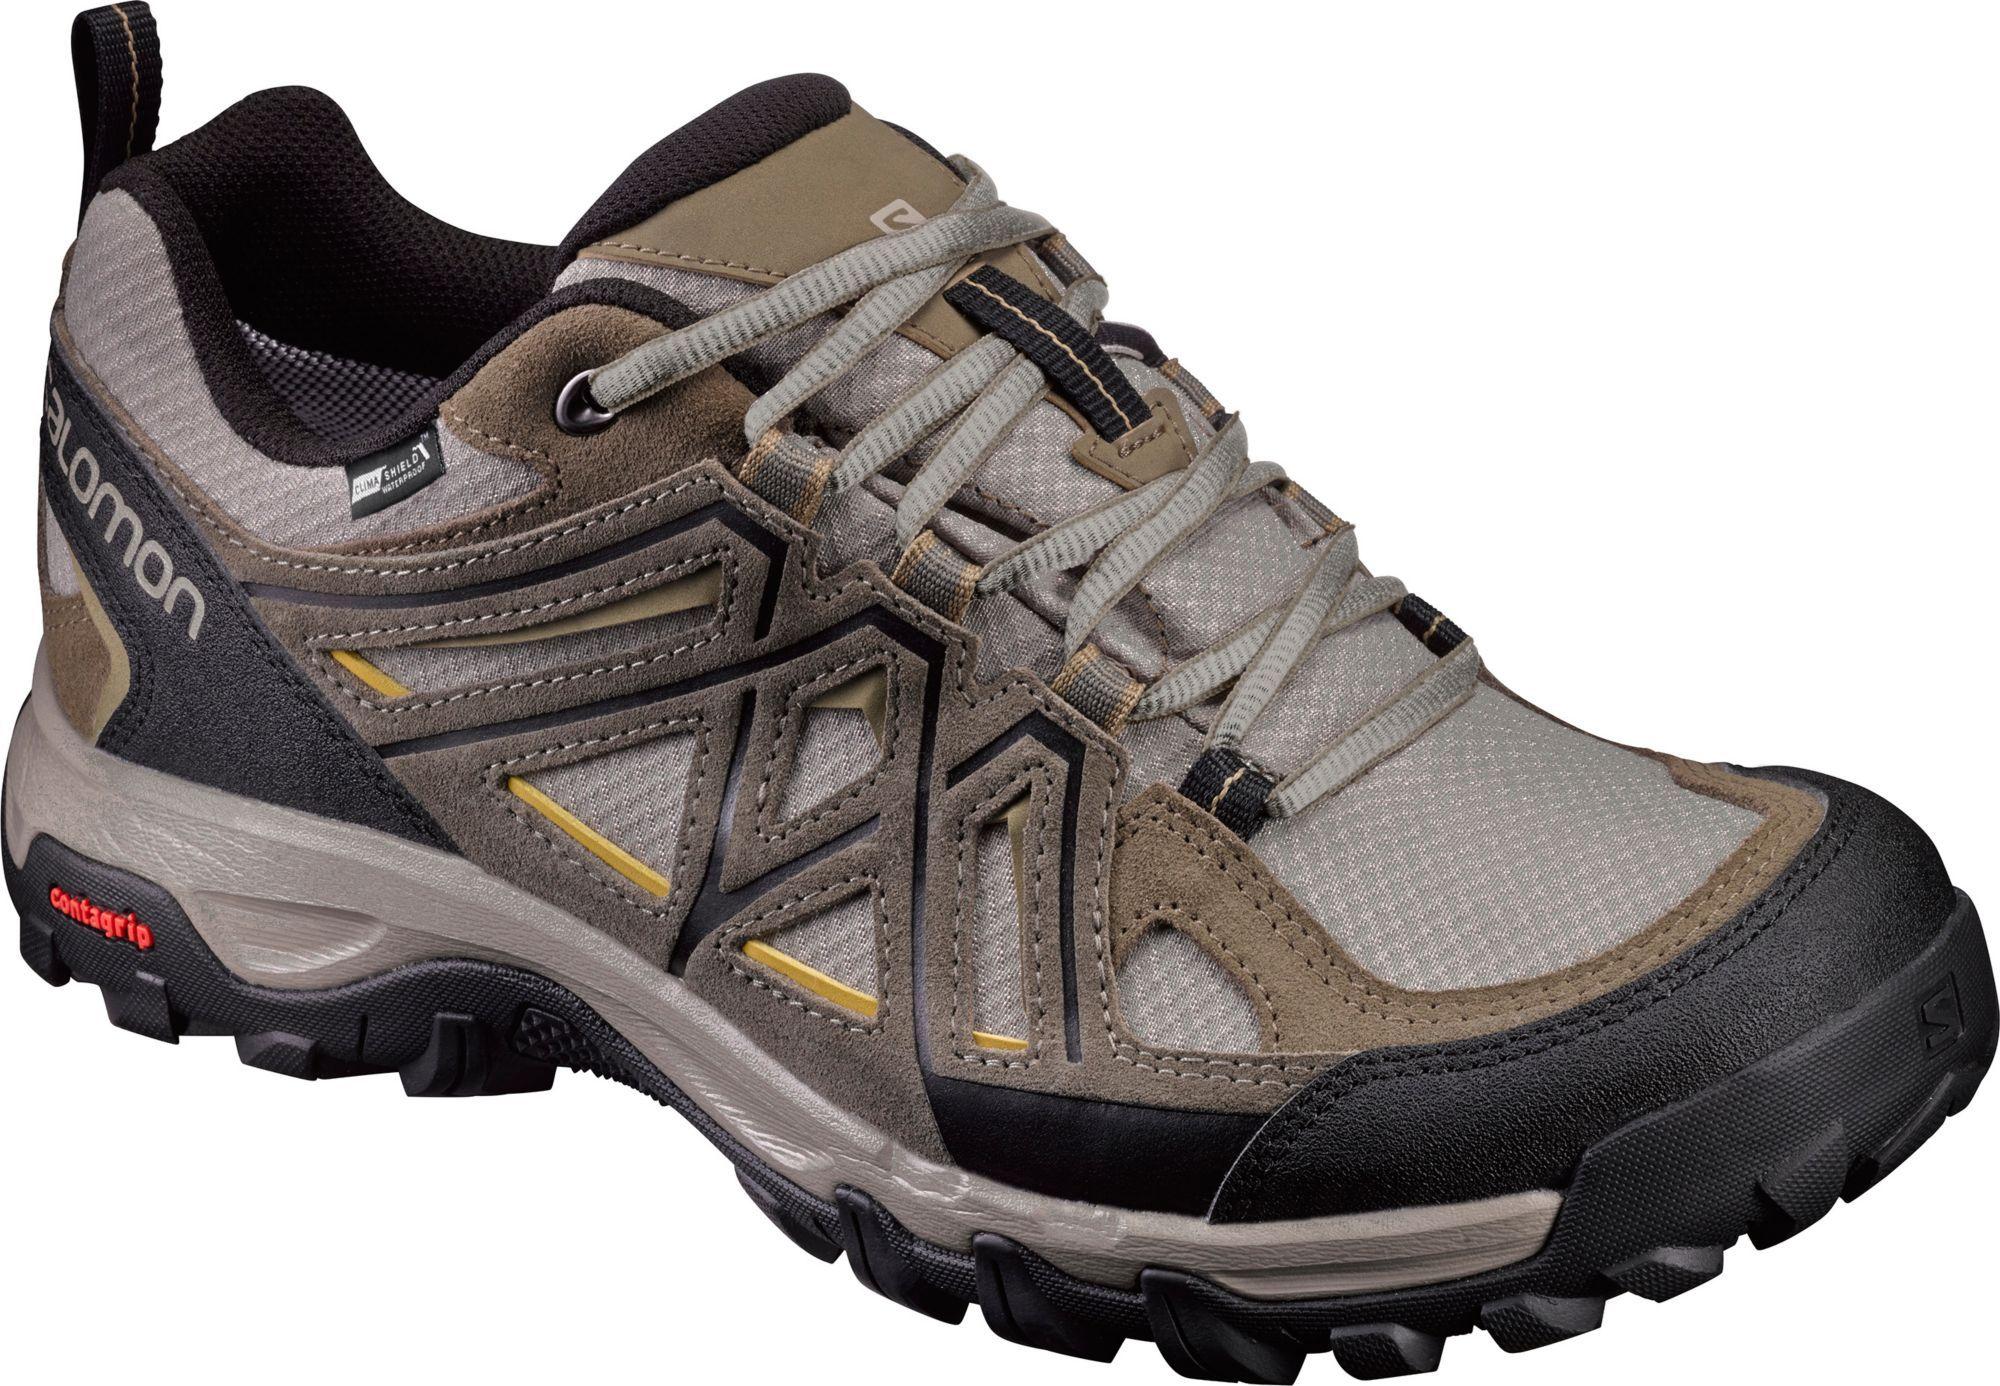 Evasion 2 CS Waterproof Hiking Shoes